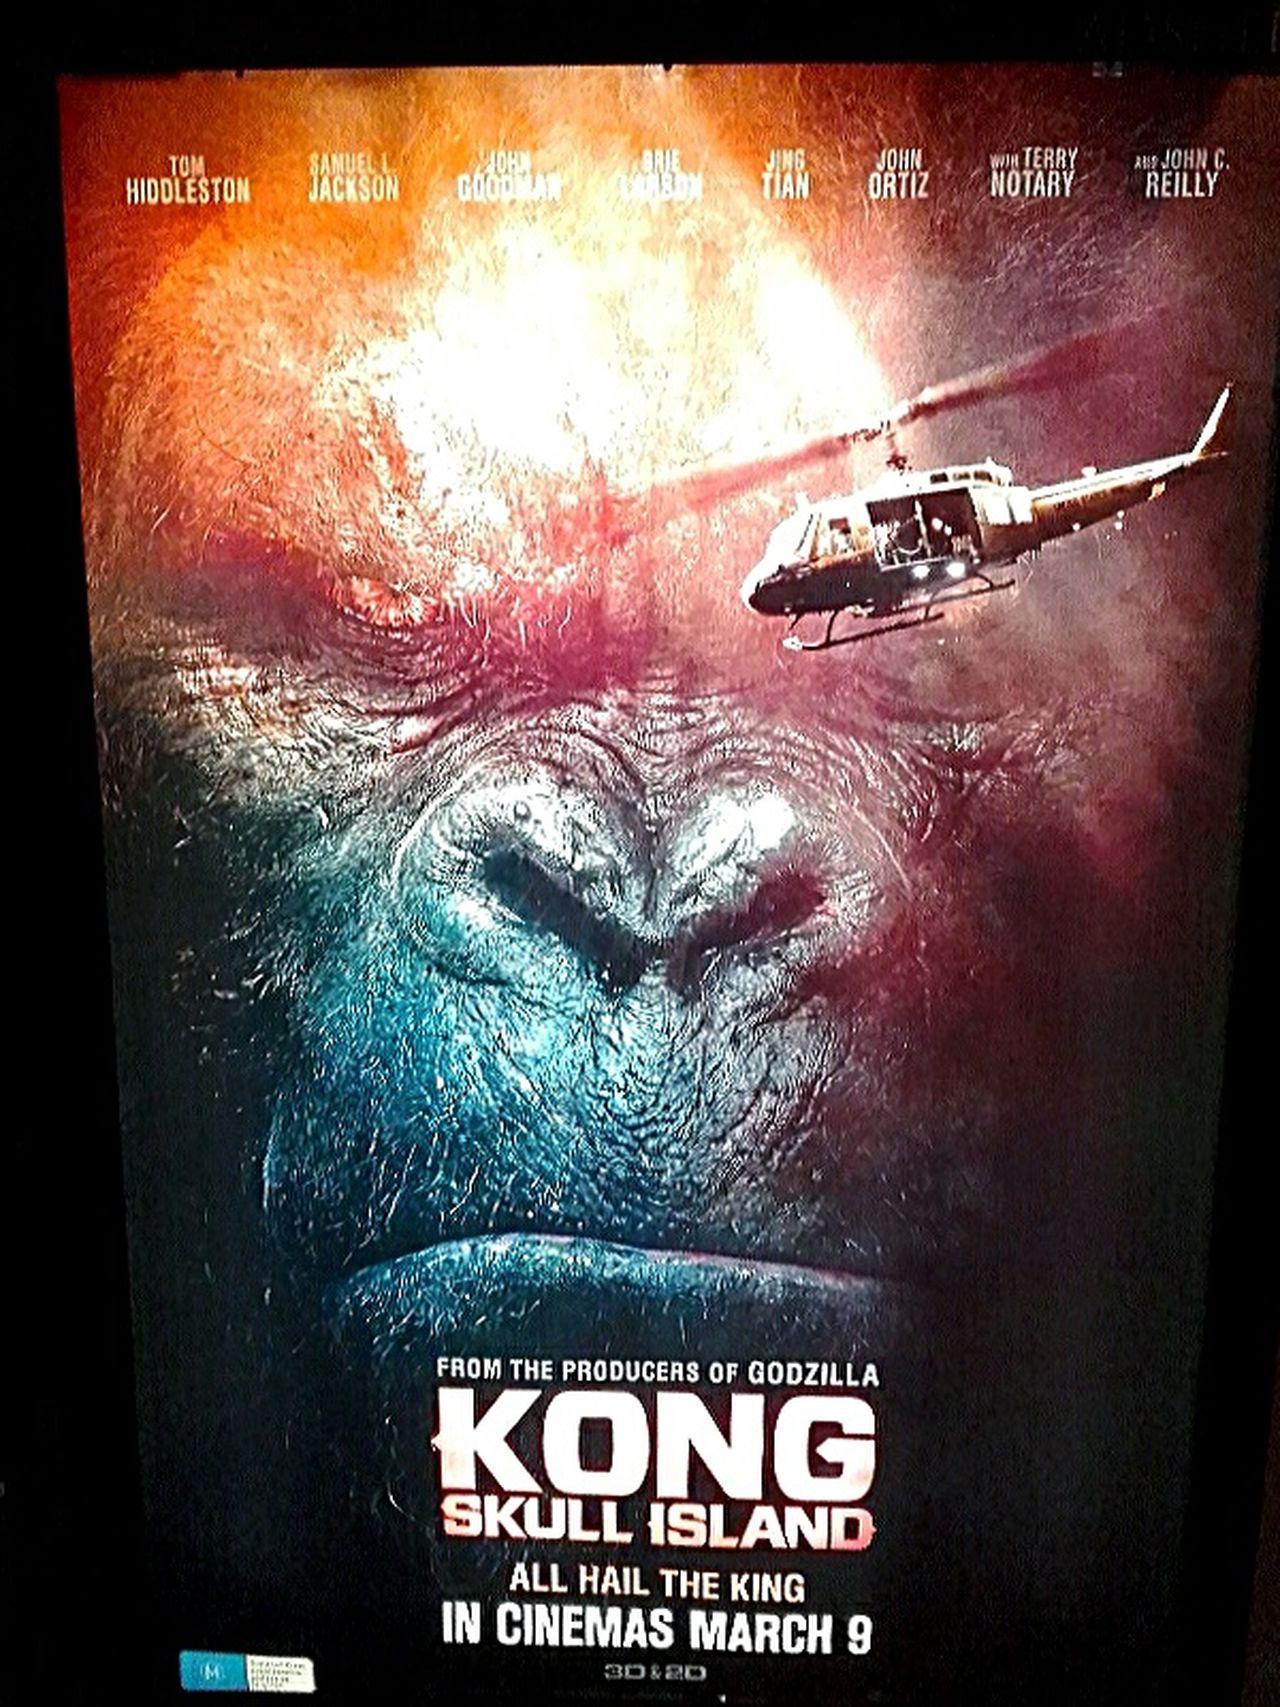 Kong Kingkong  King Kong Illuminated Signs Movieposter MOVIE Movie Poster Signs_collection Signage Movieposters Sign Sign, Sign, Everywhere A Sign SignSignEverywhereASign Signs, Signs, & More Signs Signs & More Signs SignsSignsAndMoreSigns All Hail The King SIGNS. SIGN. Signs Signporn King Kong Skull Island Skull Island  Skullisland Movie Posters